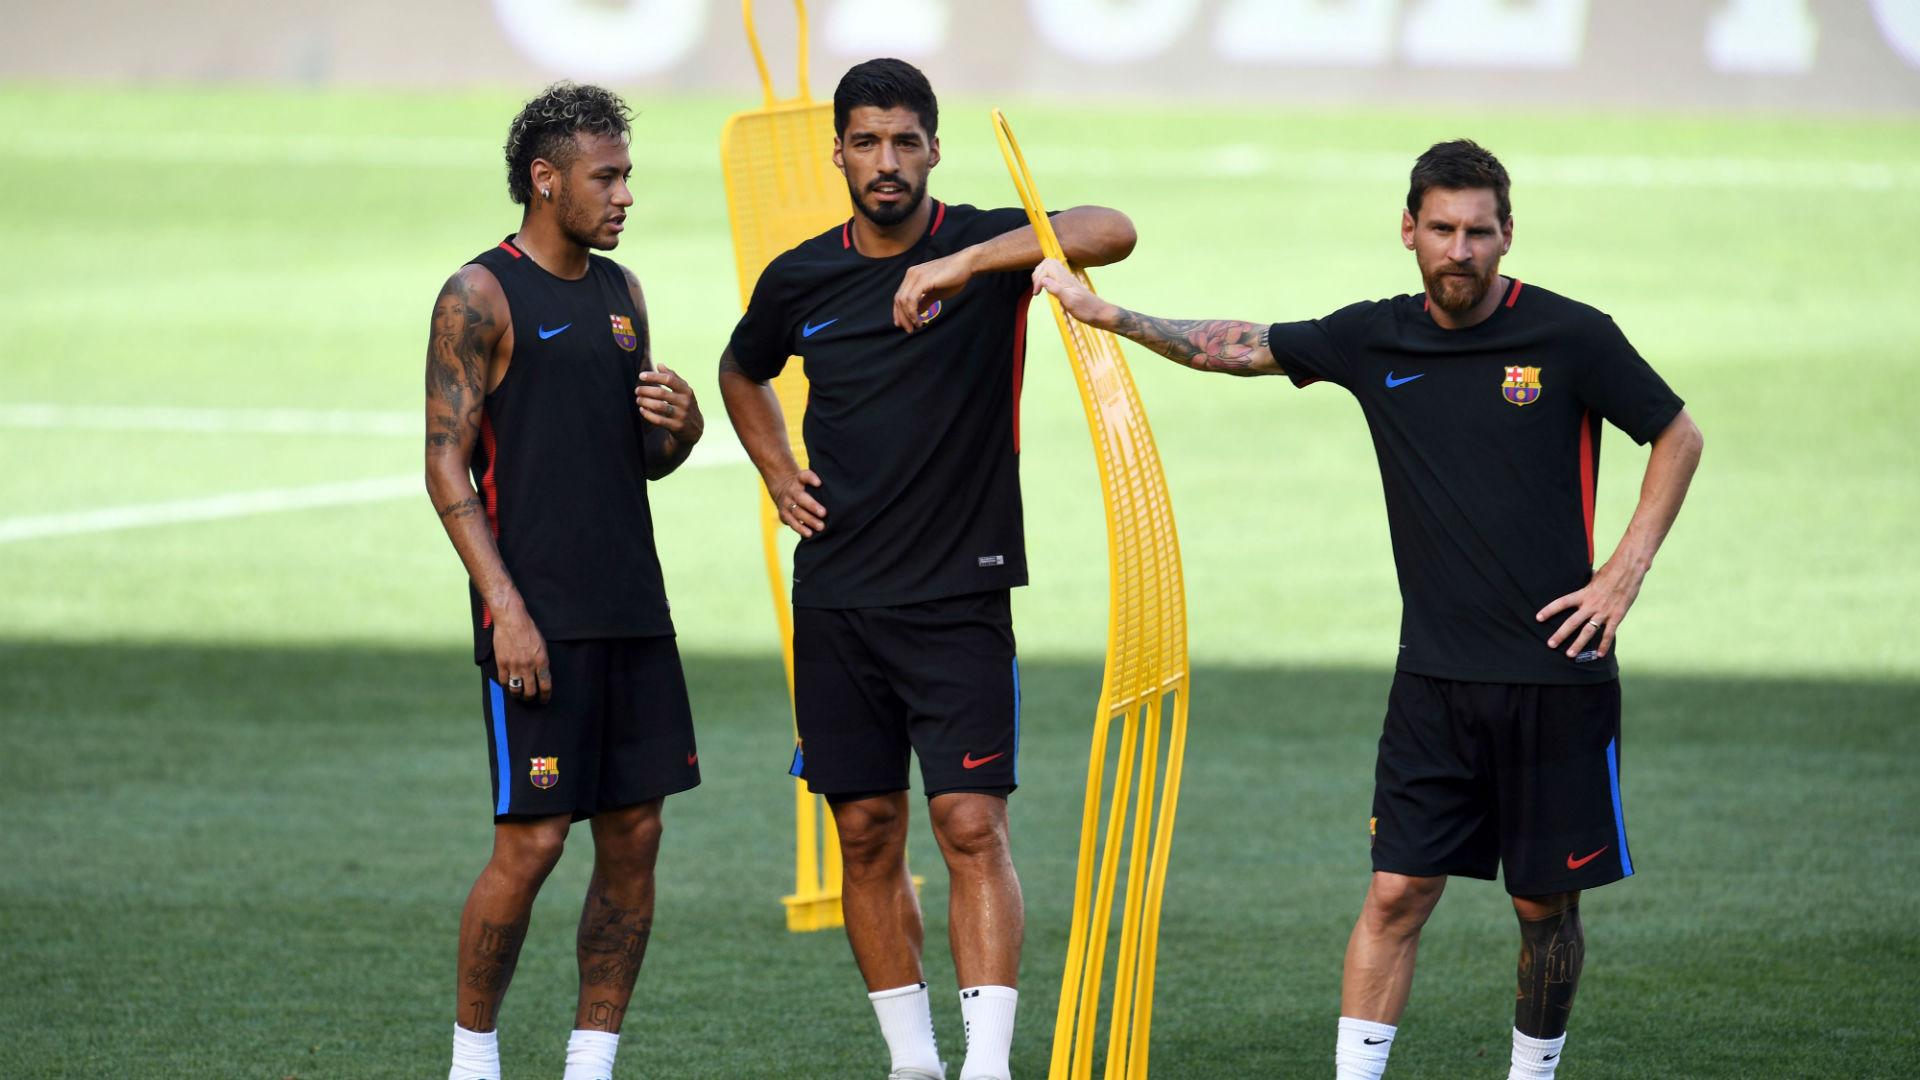 Fútbol: Messi le desea suerte a su